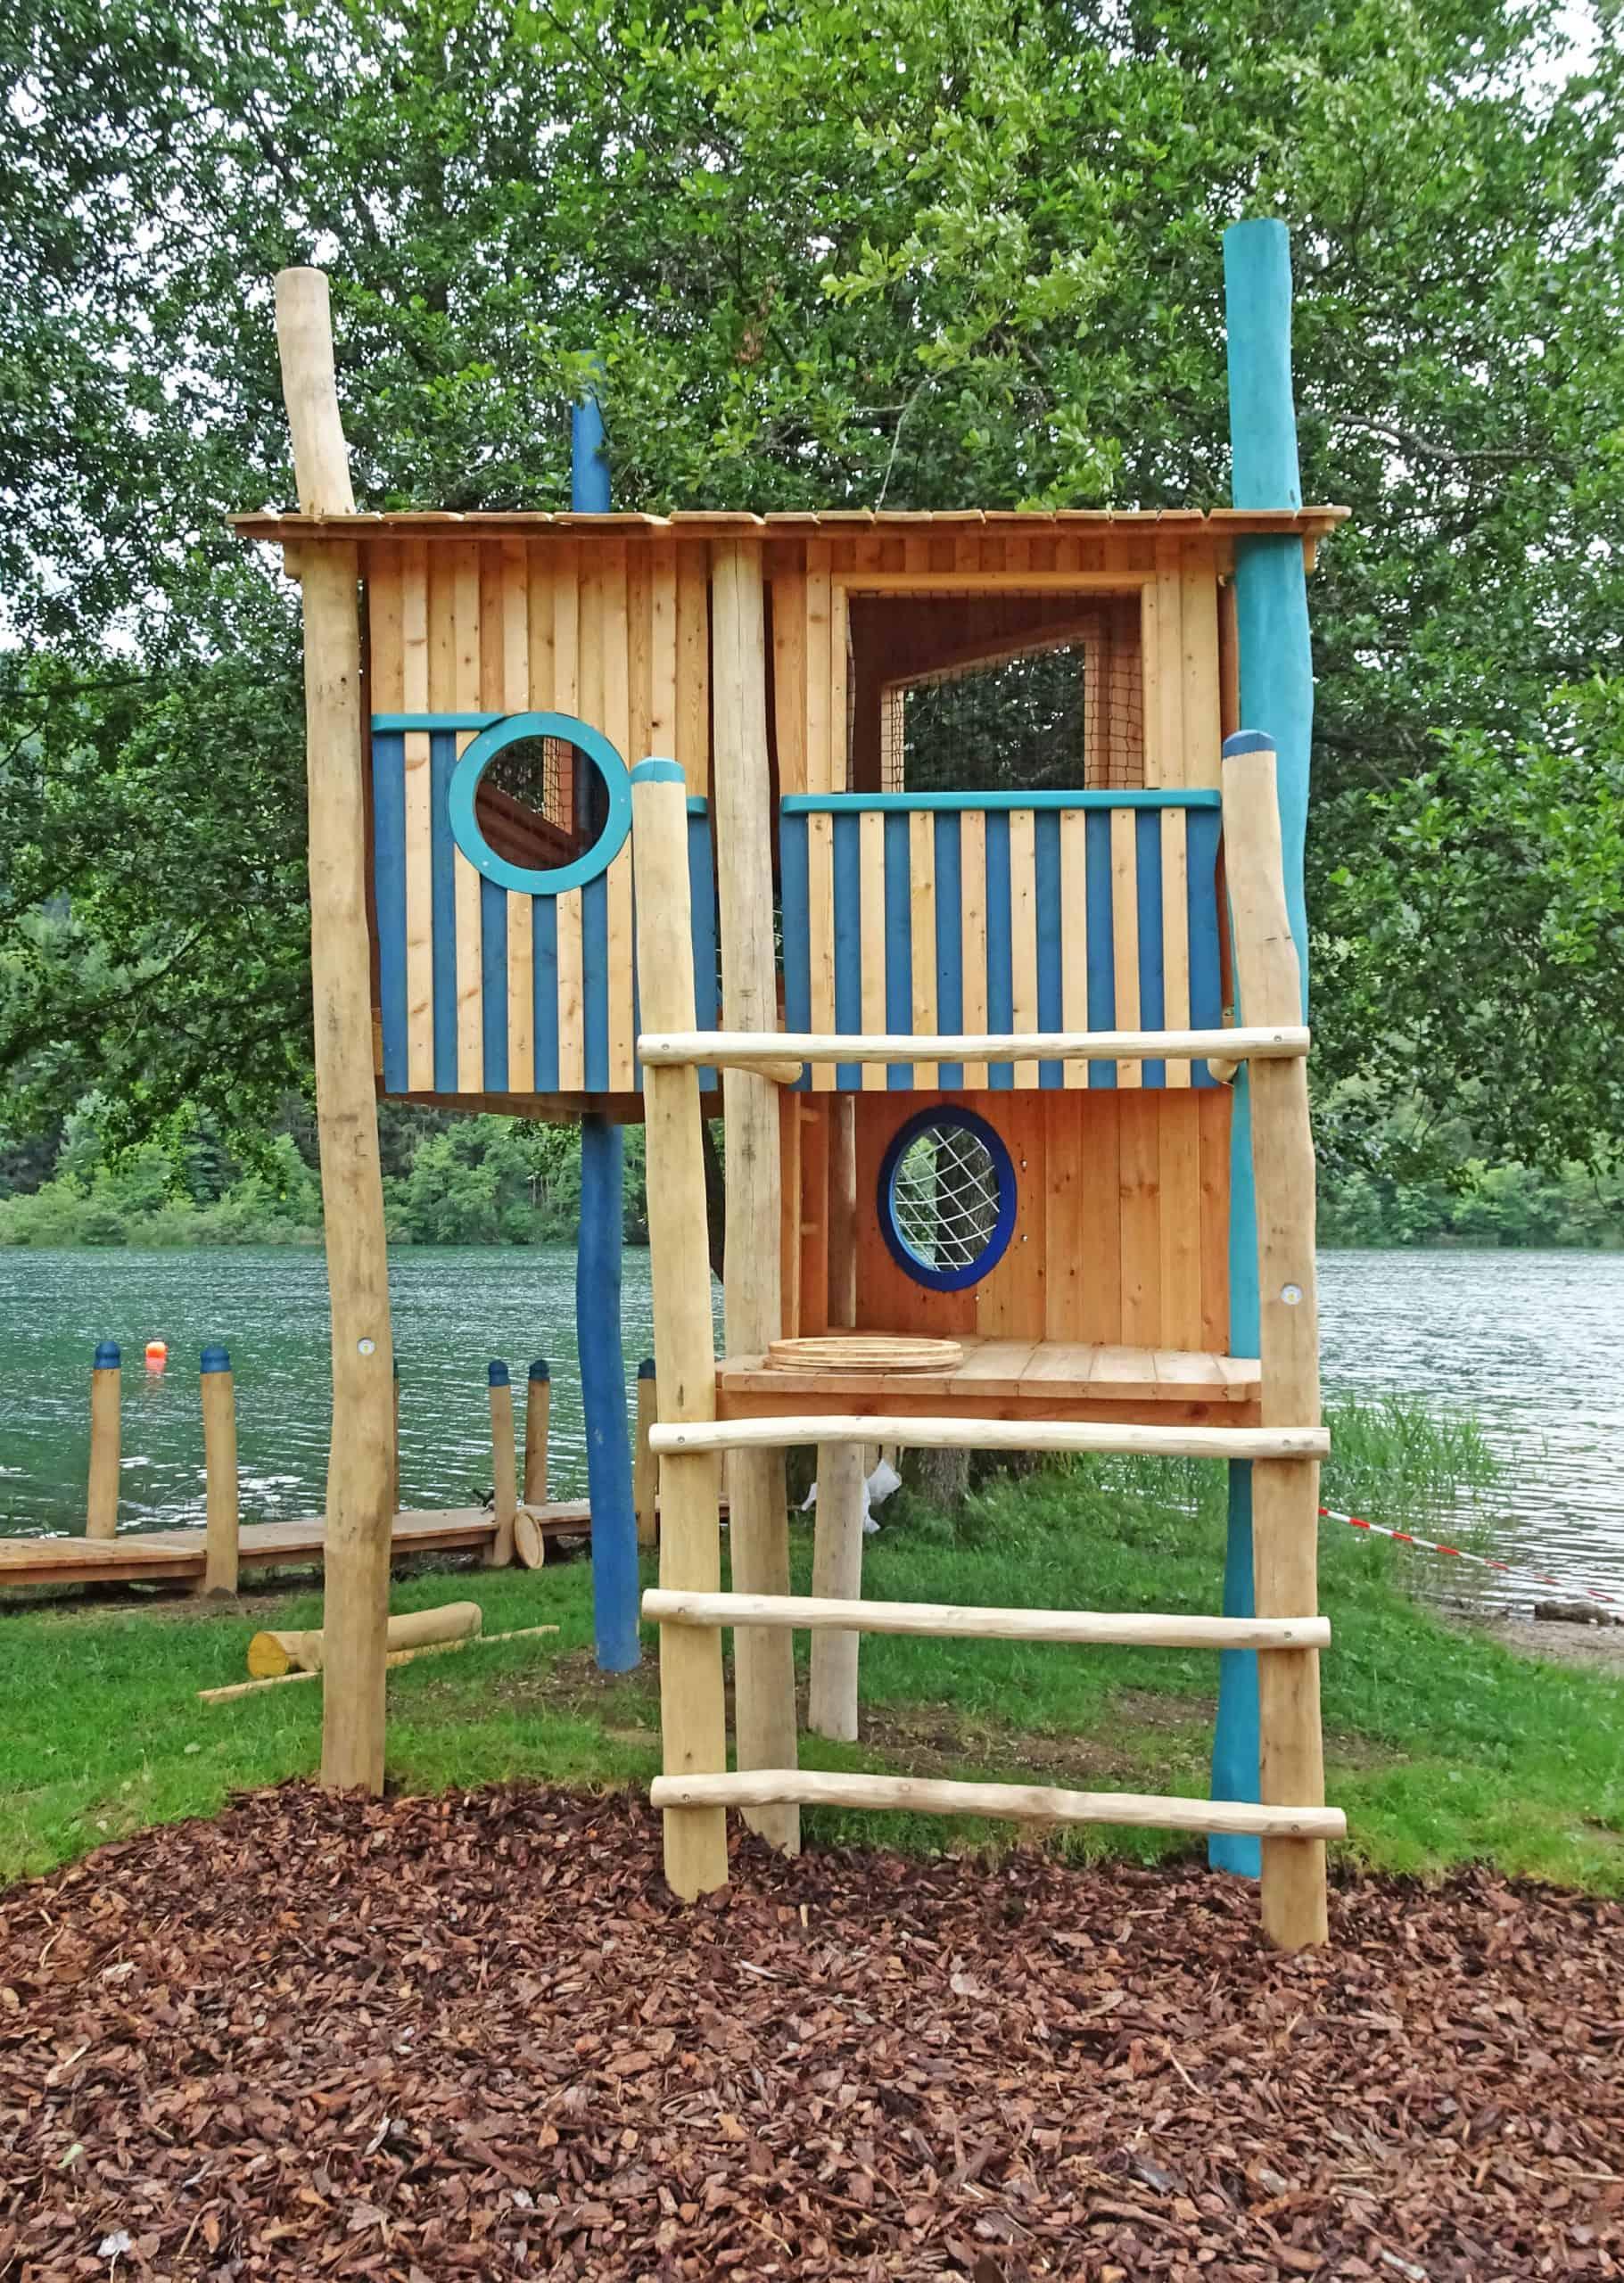 Spielplatz Rauschelesee für Kinder direkt am See - Ausflugstipp in Kärnten